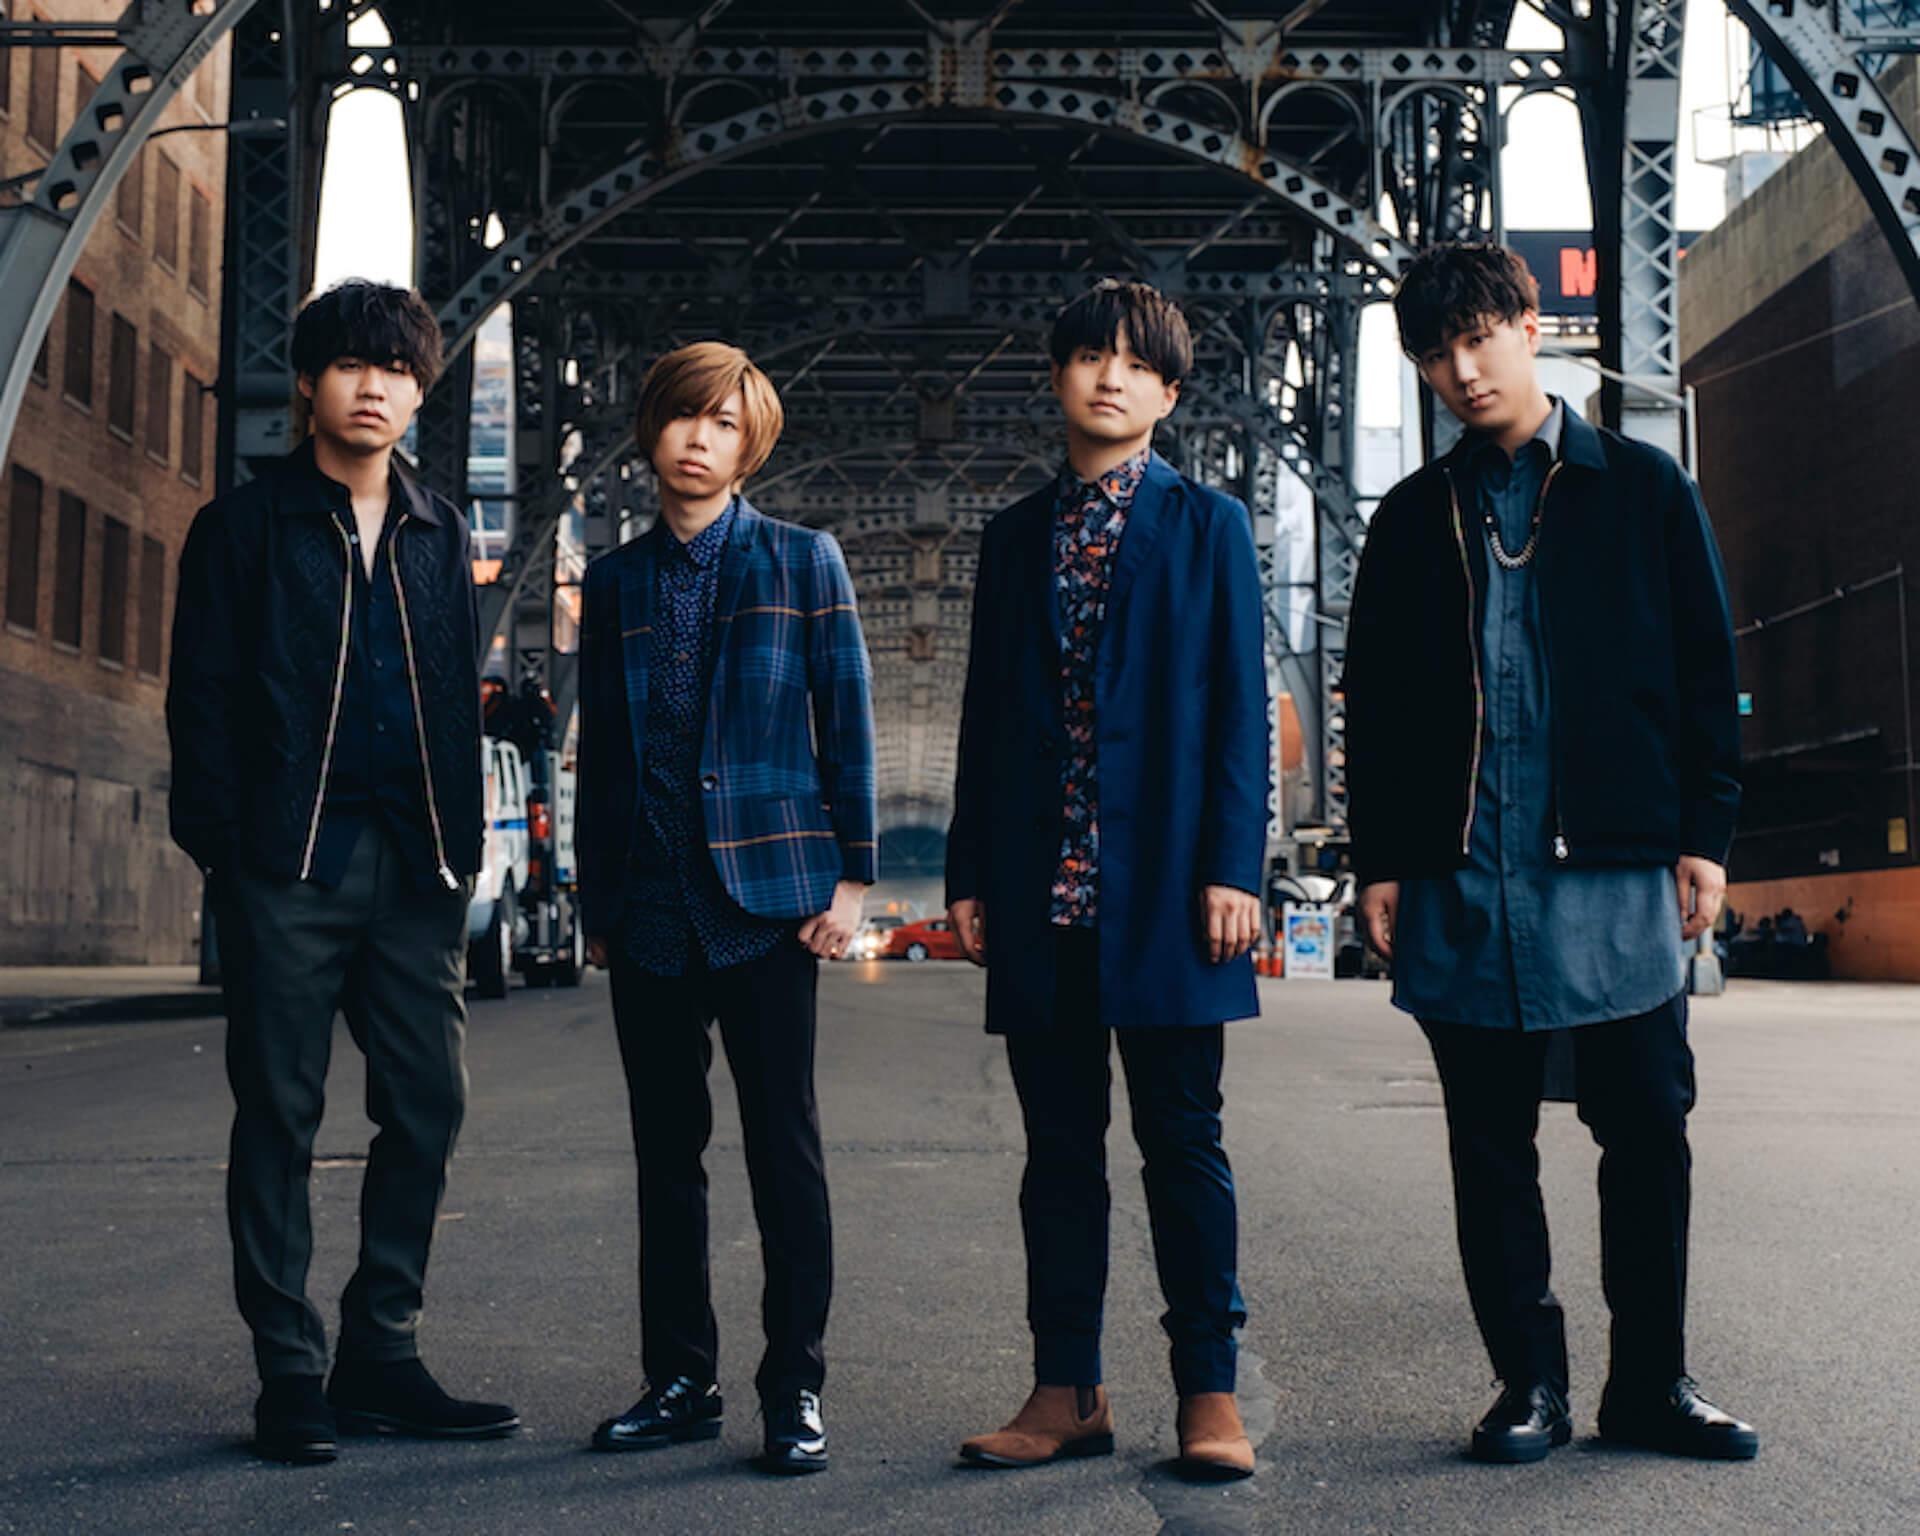 Official髭男dism「Pretender」がついに首位に!Billboard JAPAN HOT100チャートインから27週目で1位 music191023_higedan_pretender_main